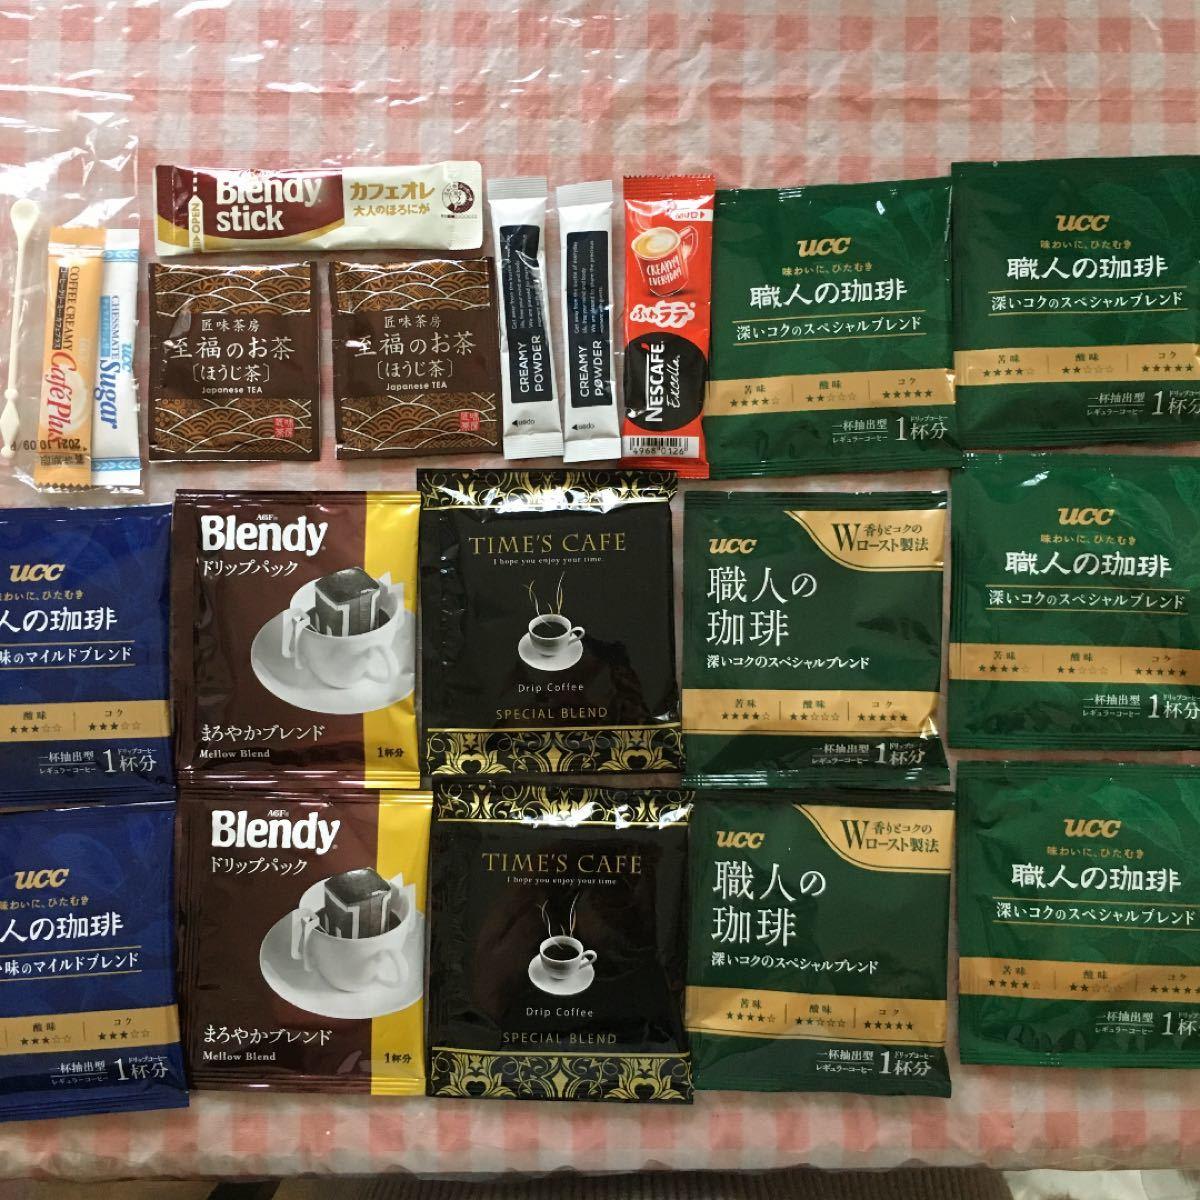 ドリップコーヒー 12個AGFインスタントコーヒー UCC